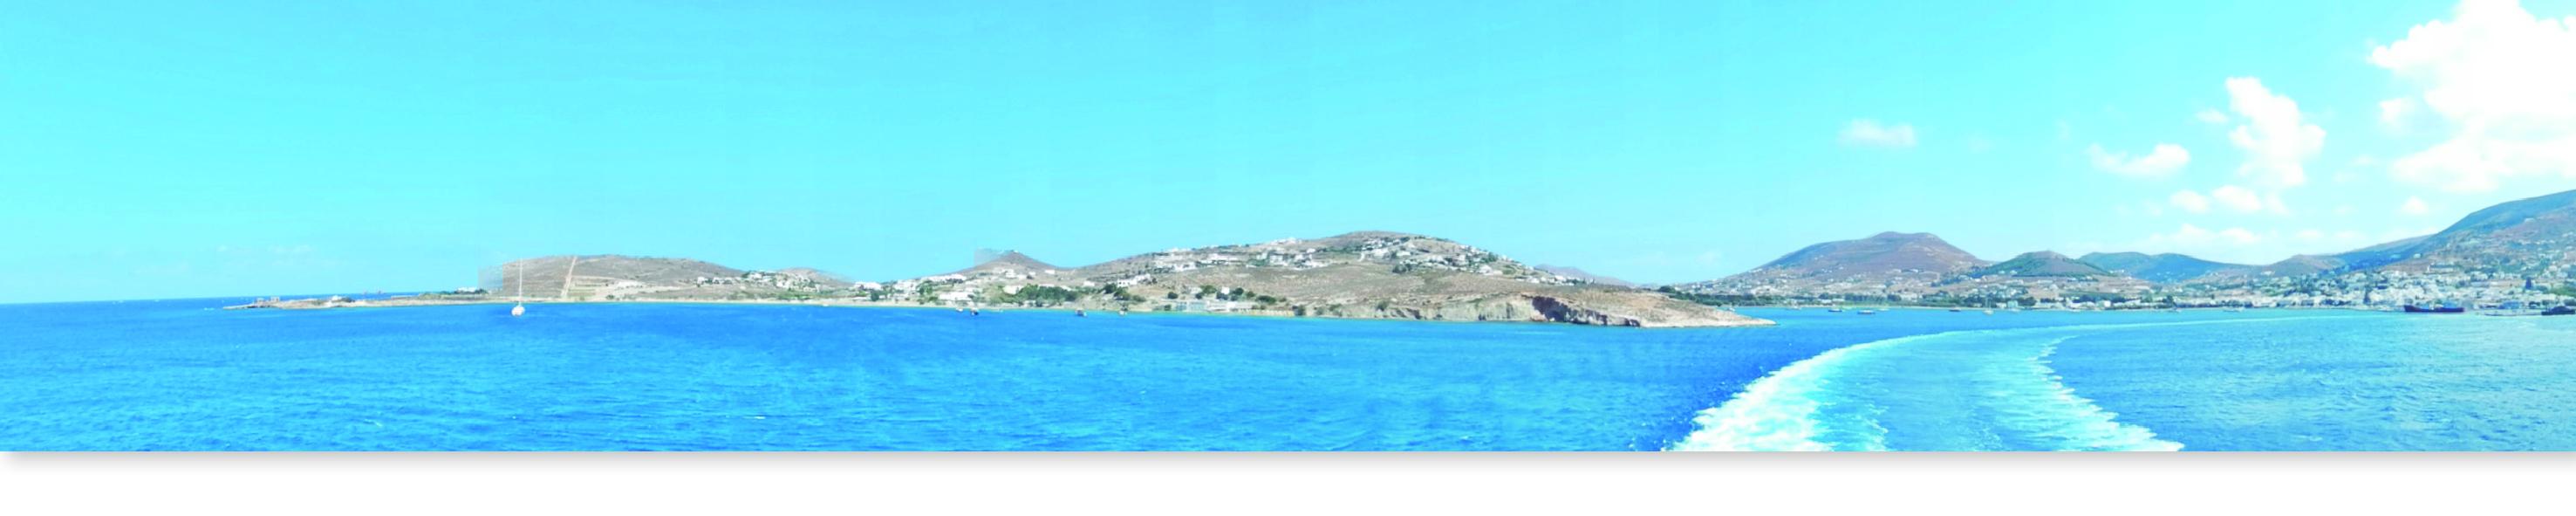 Vue sur la mer et l'île de Paros dans les cyclades en Grèce